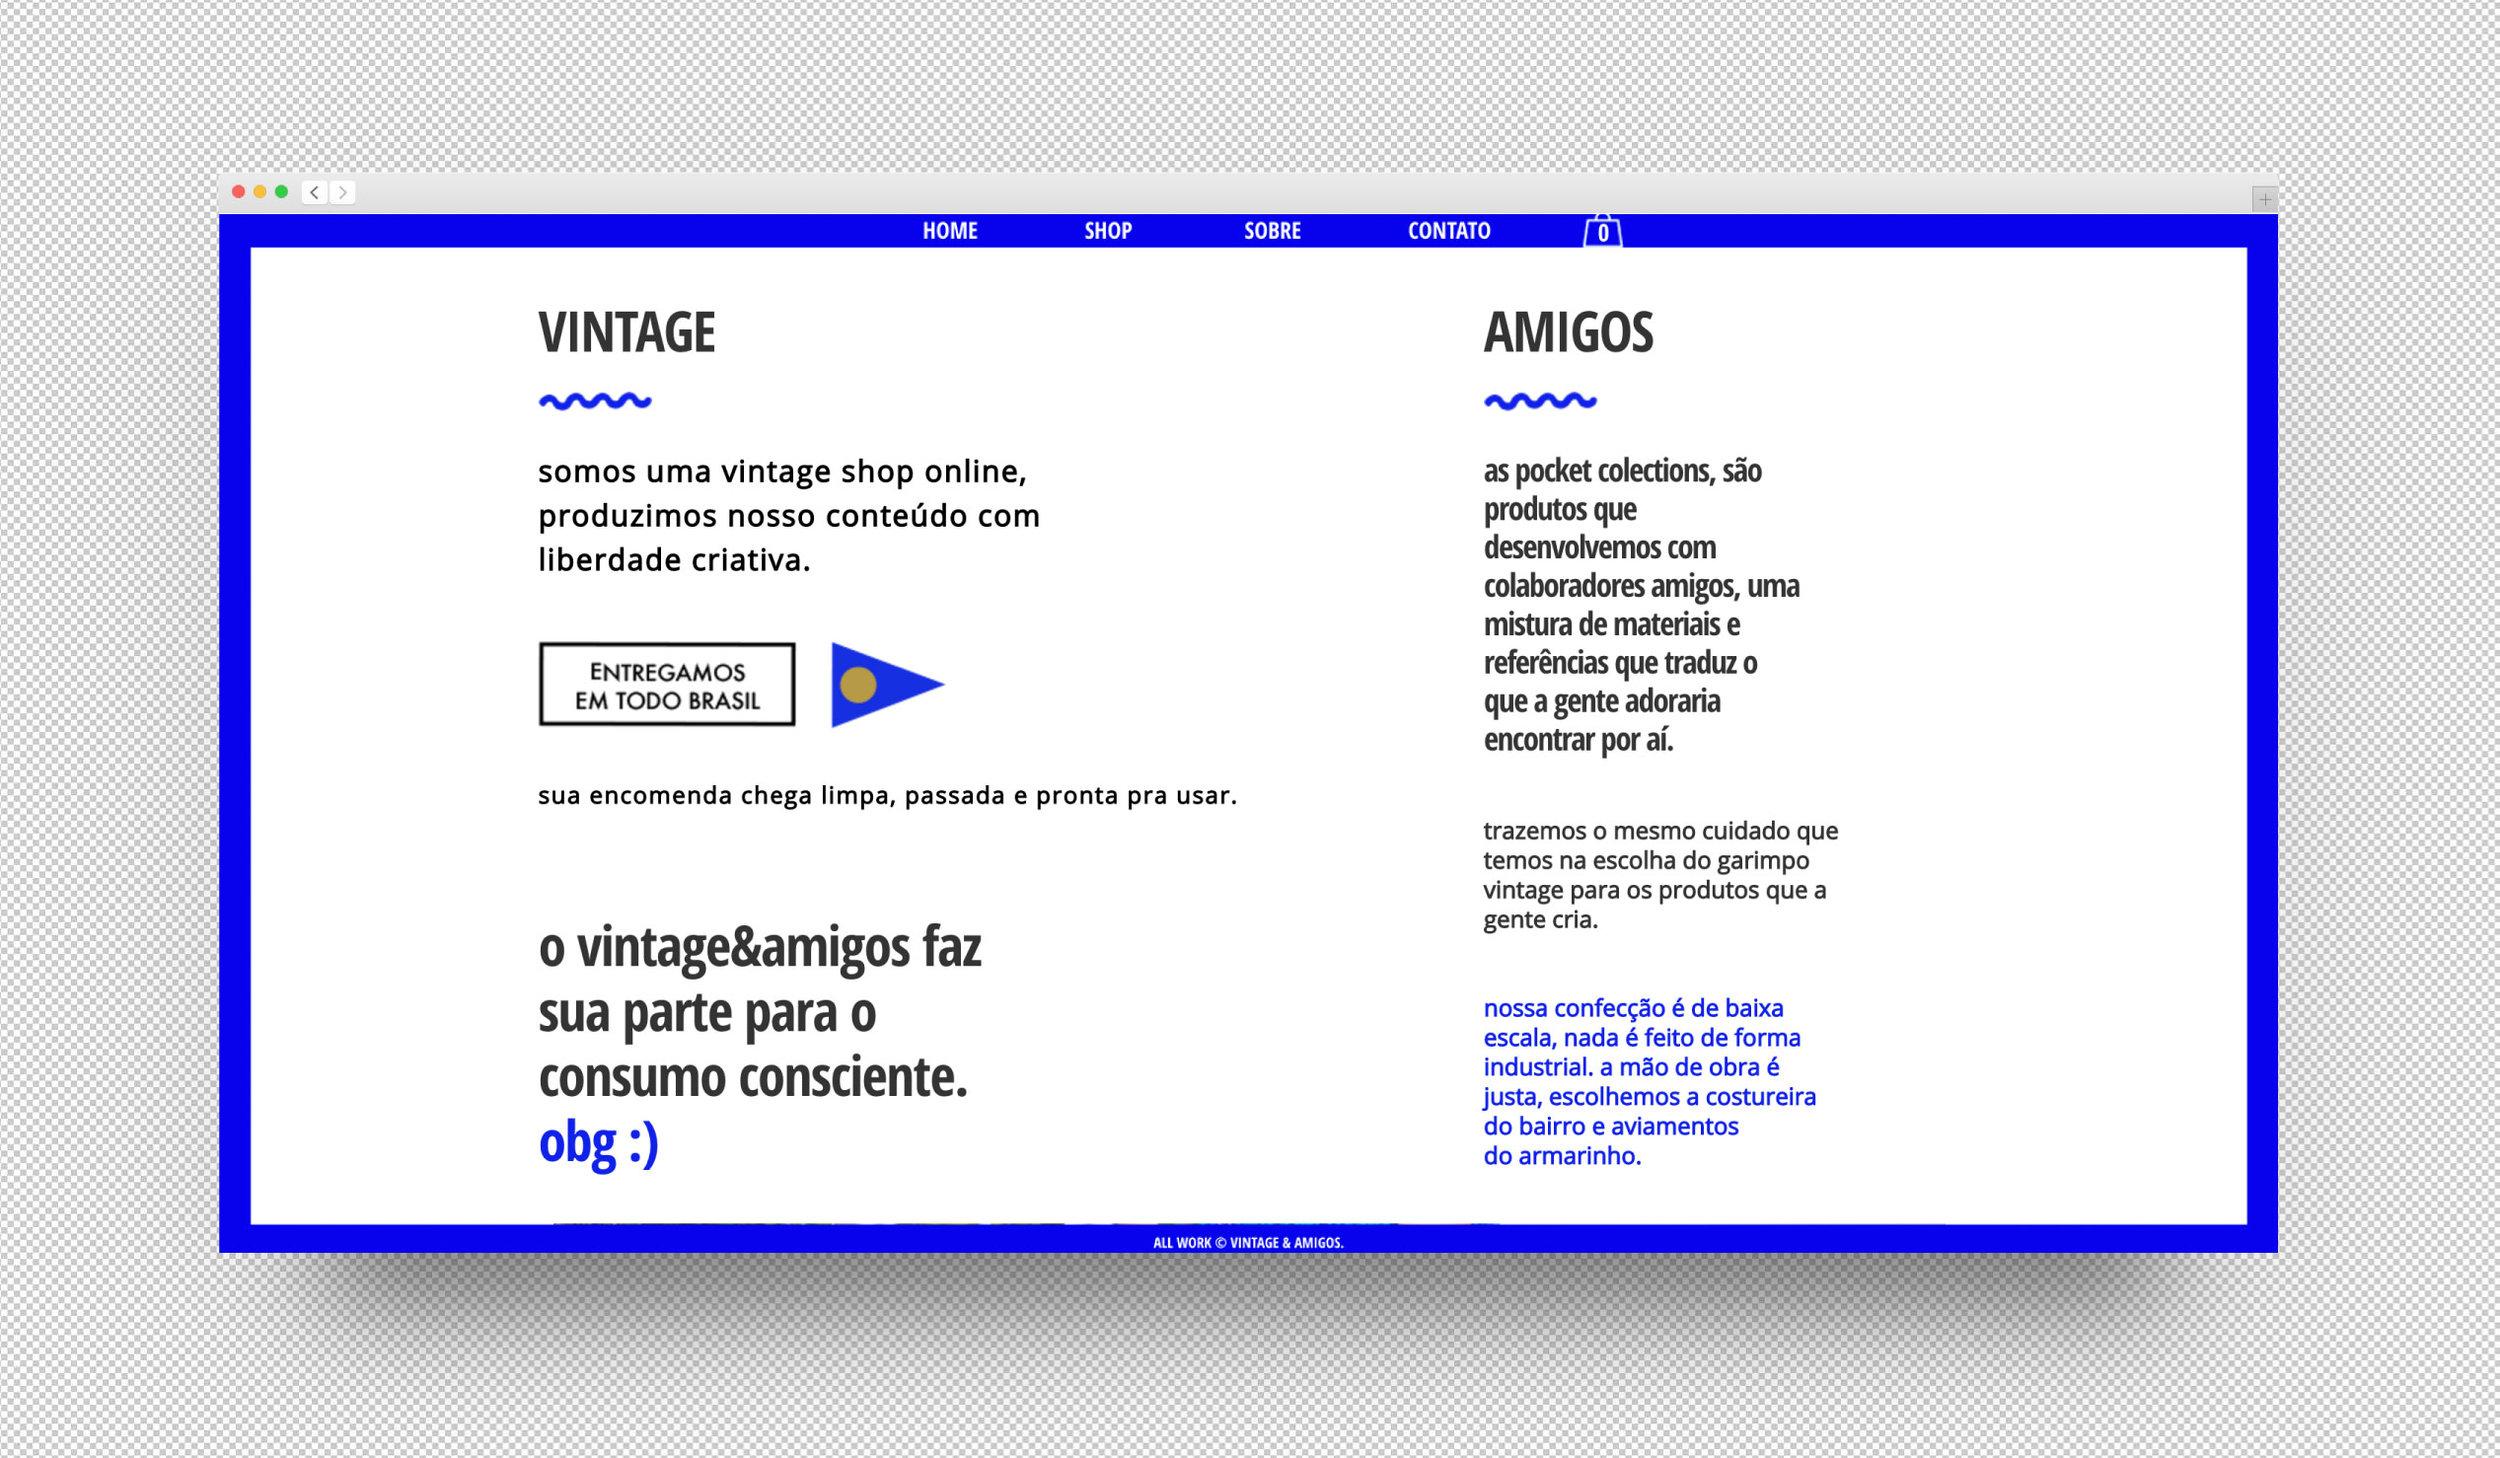 vea web-03.jpg